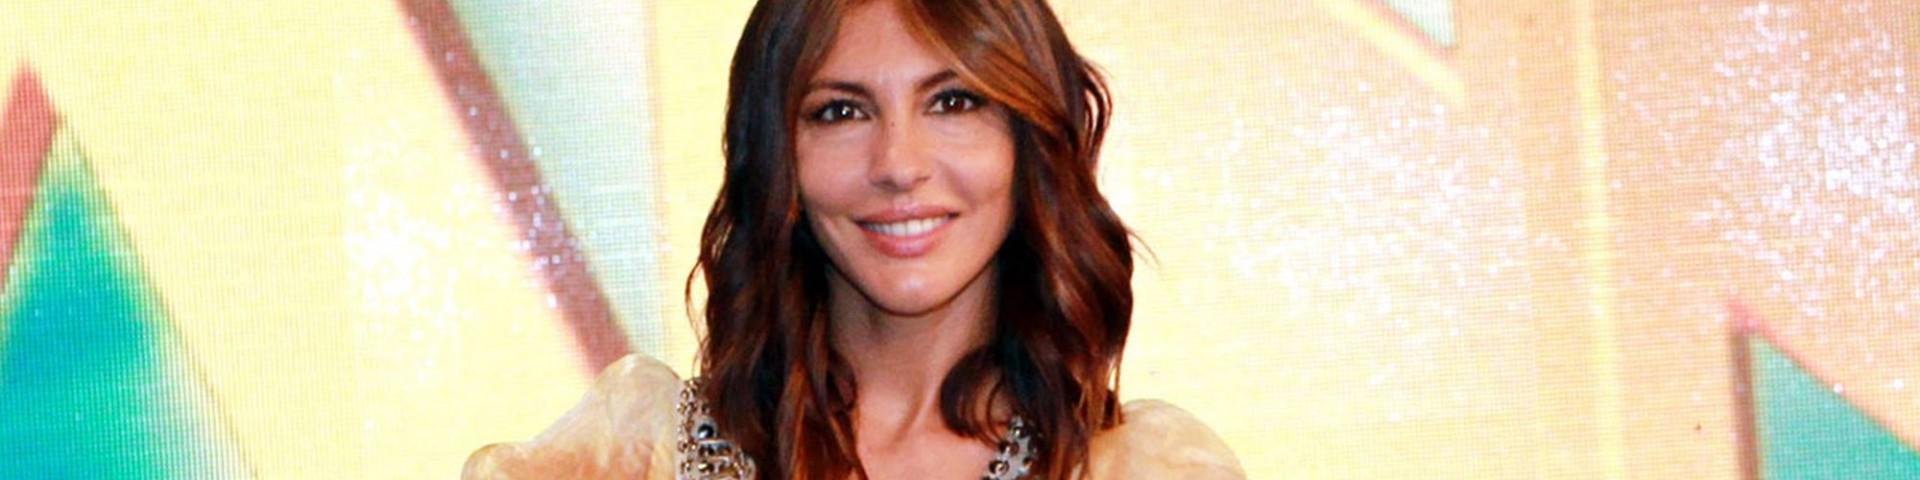 Chi è Sara Facciolini?